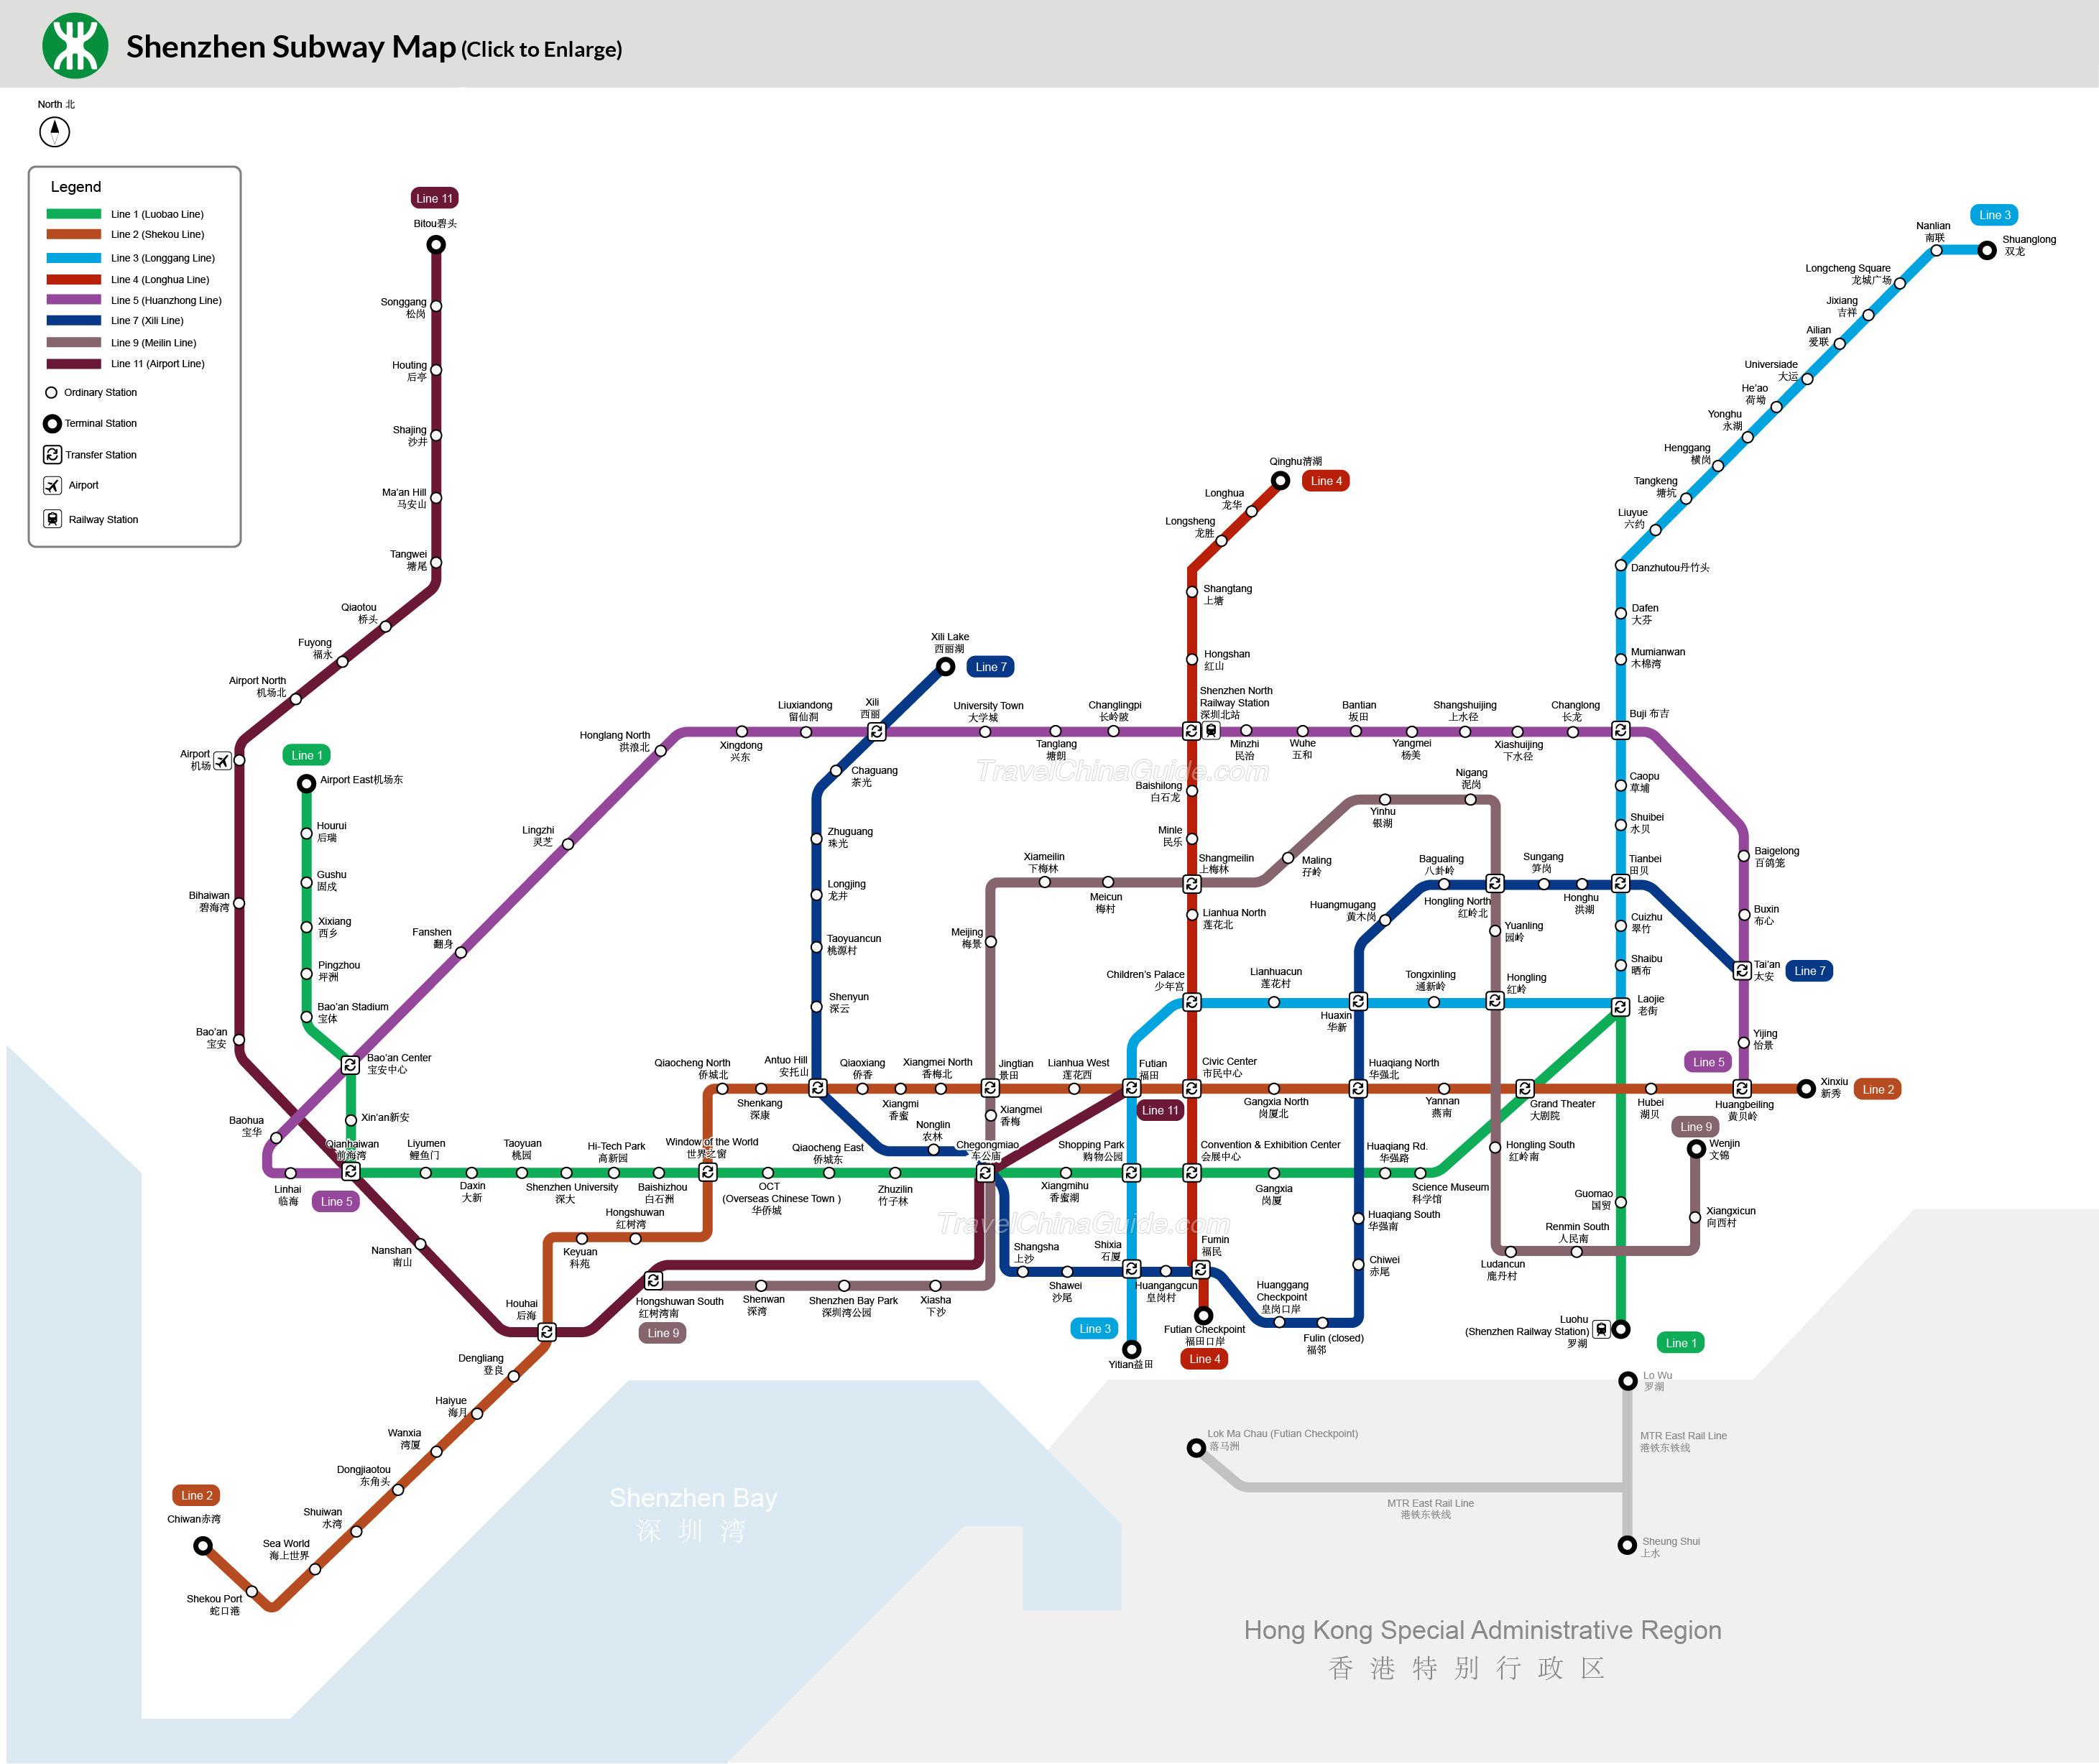 نقشه مترو شنزن چین